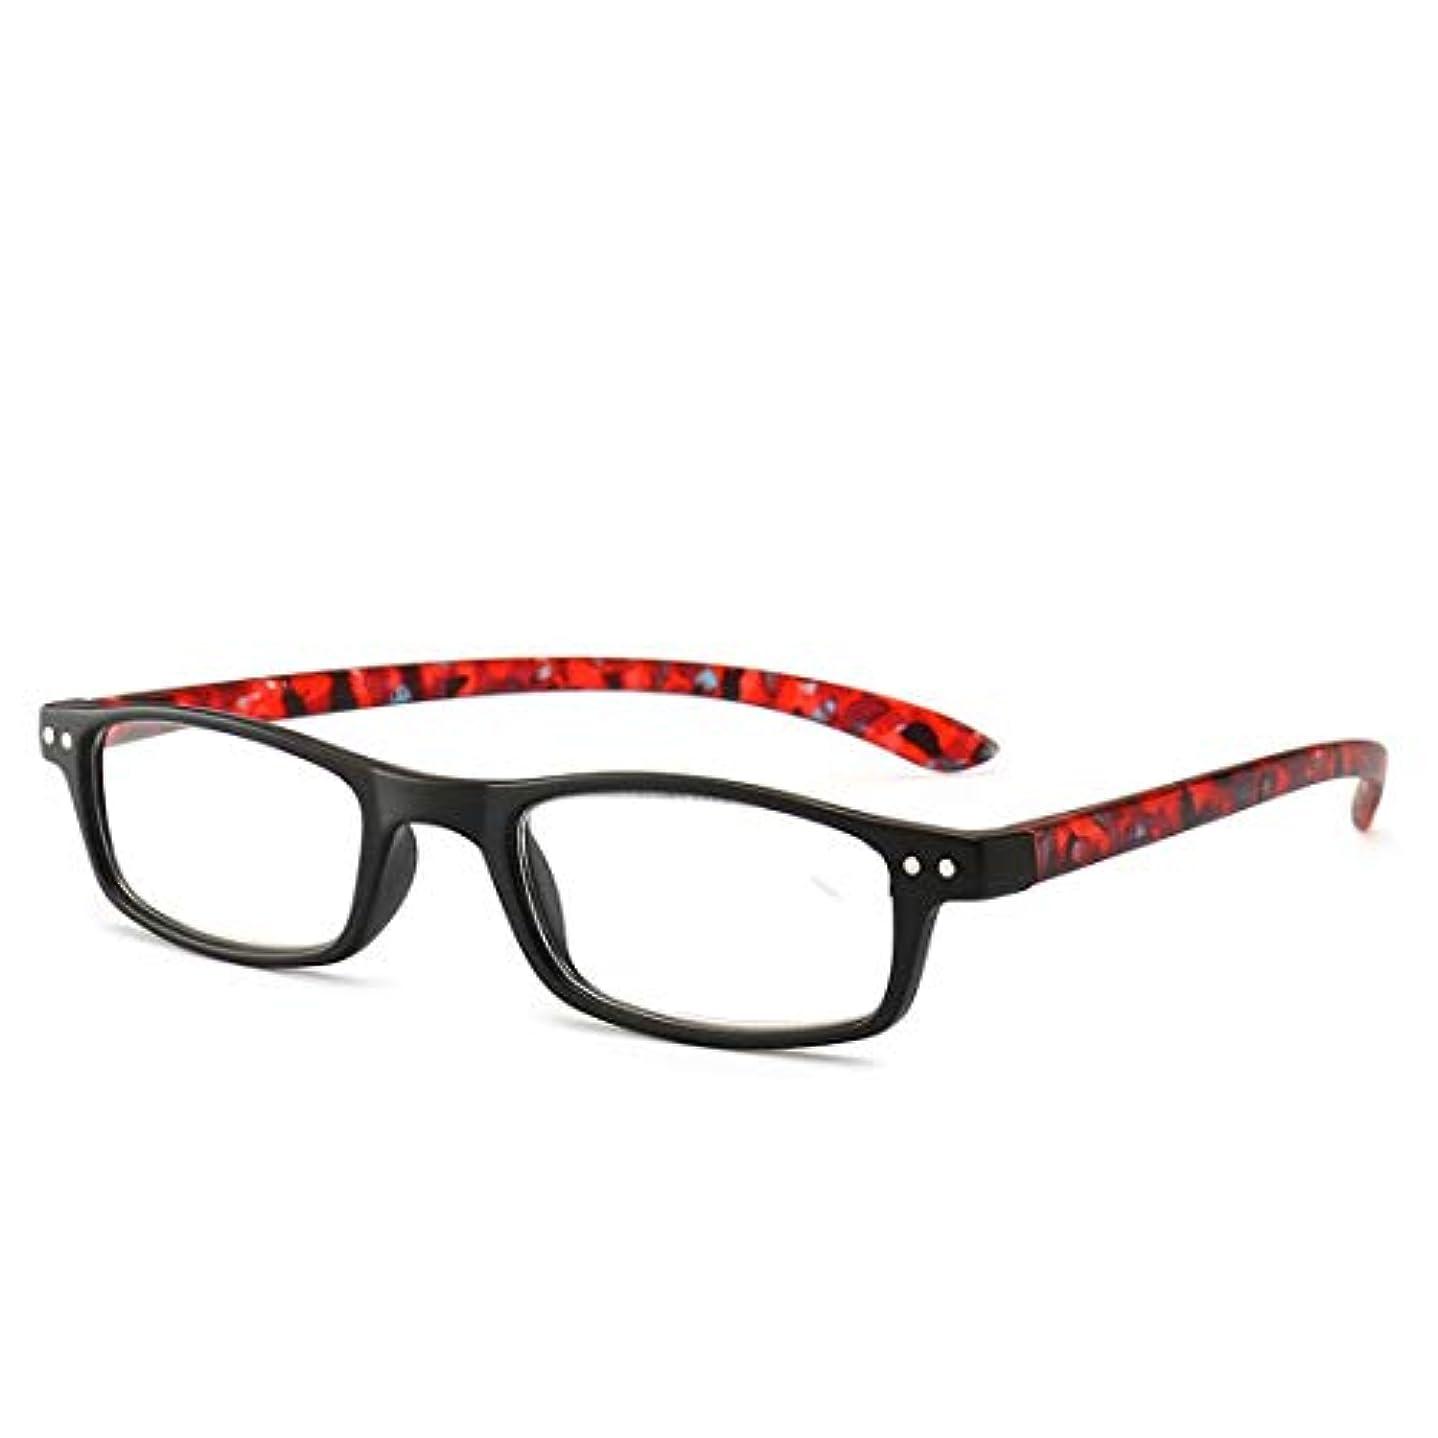 土器に対応する知事T128老眼鏡ジオプター+1.0?+4.0女性男性フルフレームラウンドレンズ老視メガネ超軽量抗疲労 (PandaWelly)